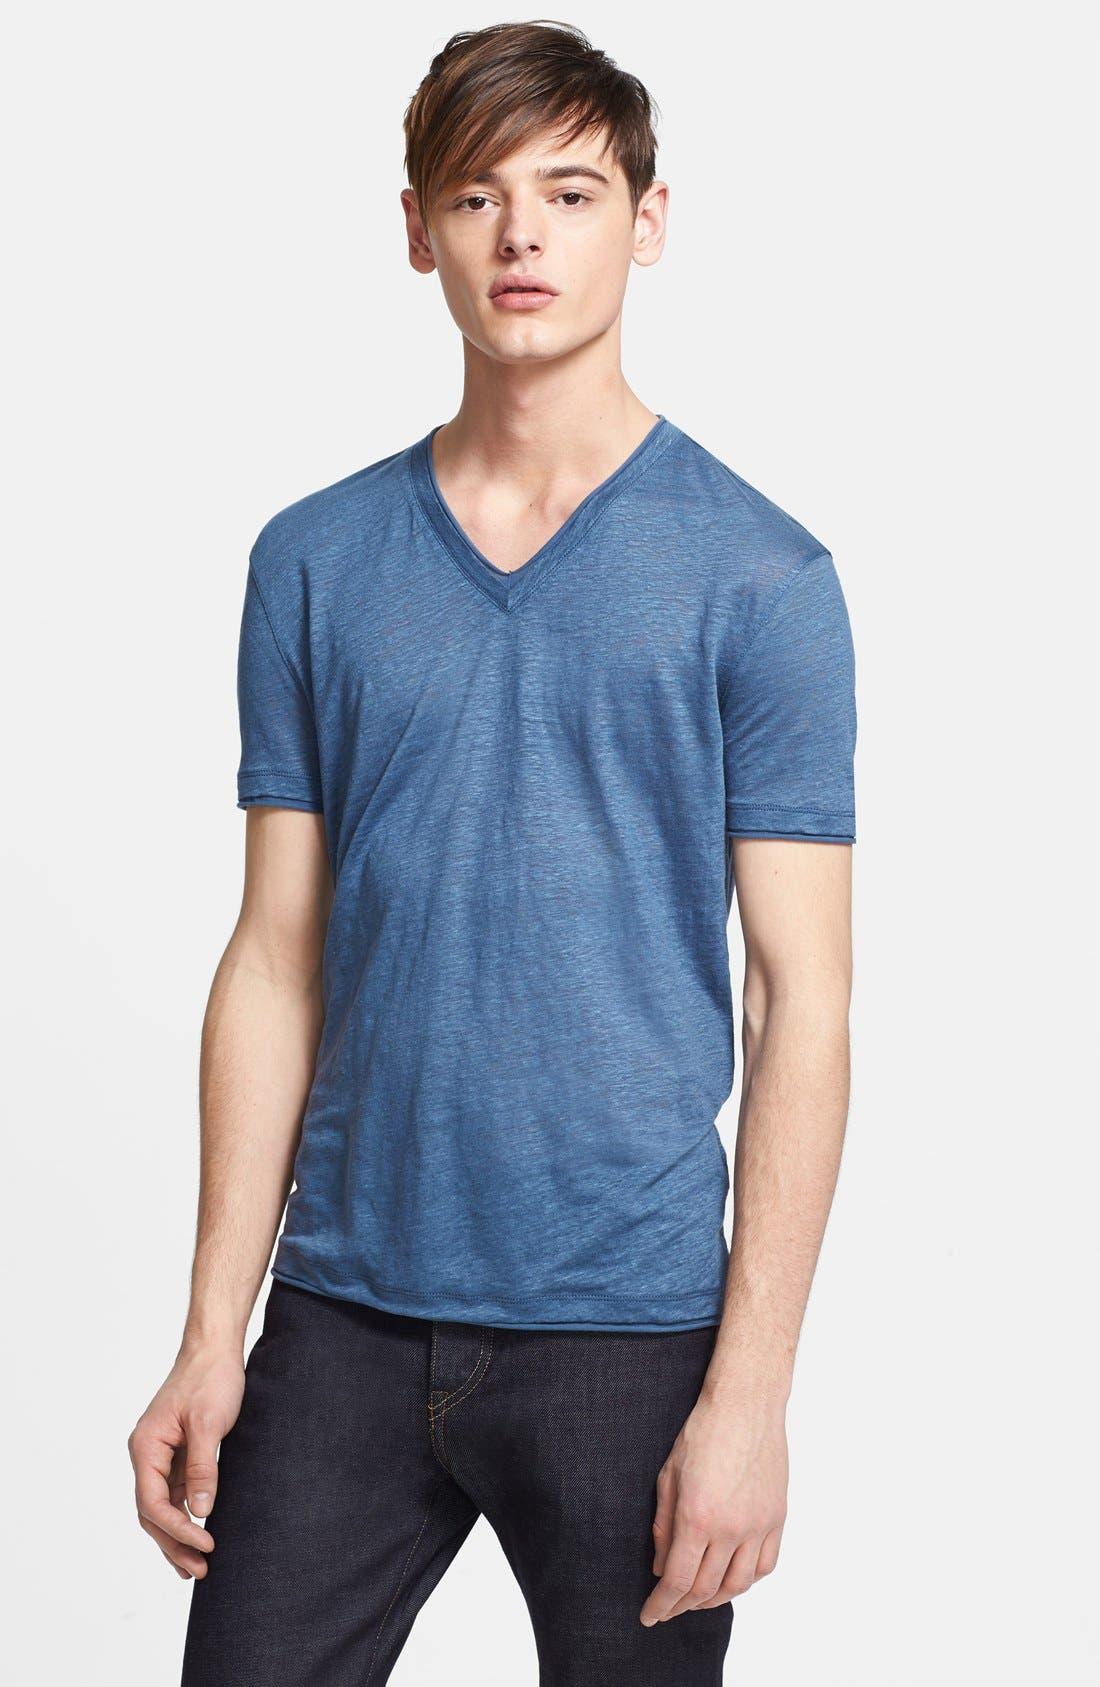 Alternate Image 1 Selected - John Varvatos Collection Linen V-Neck T-Shirt